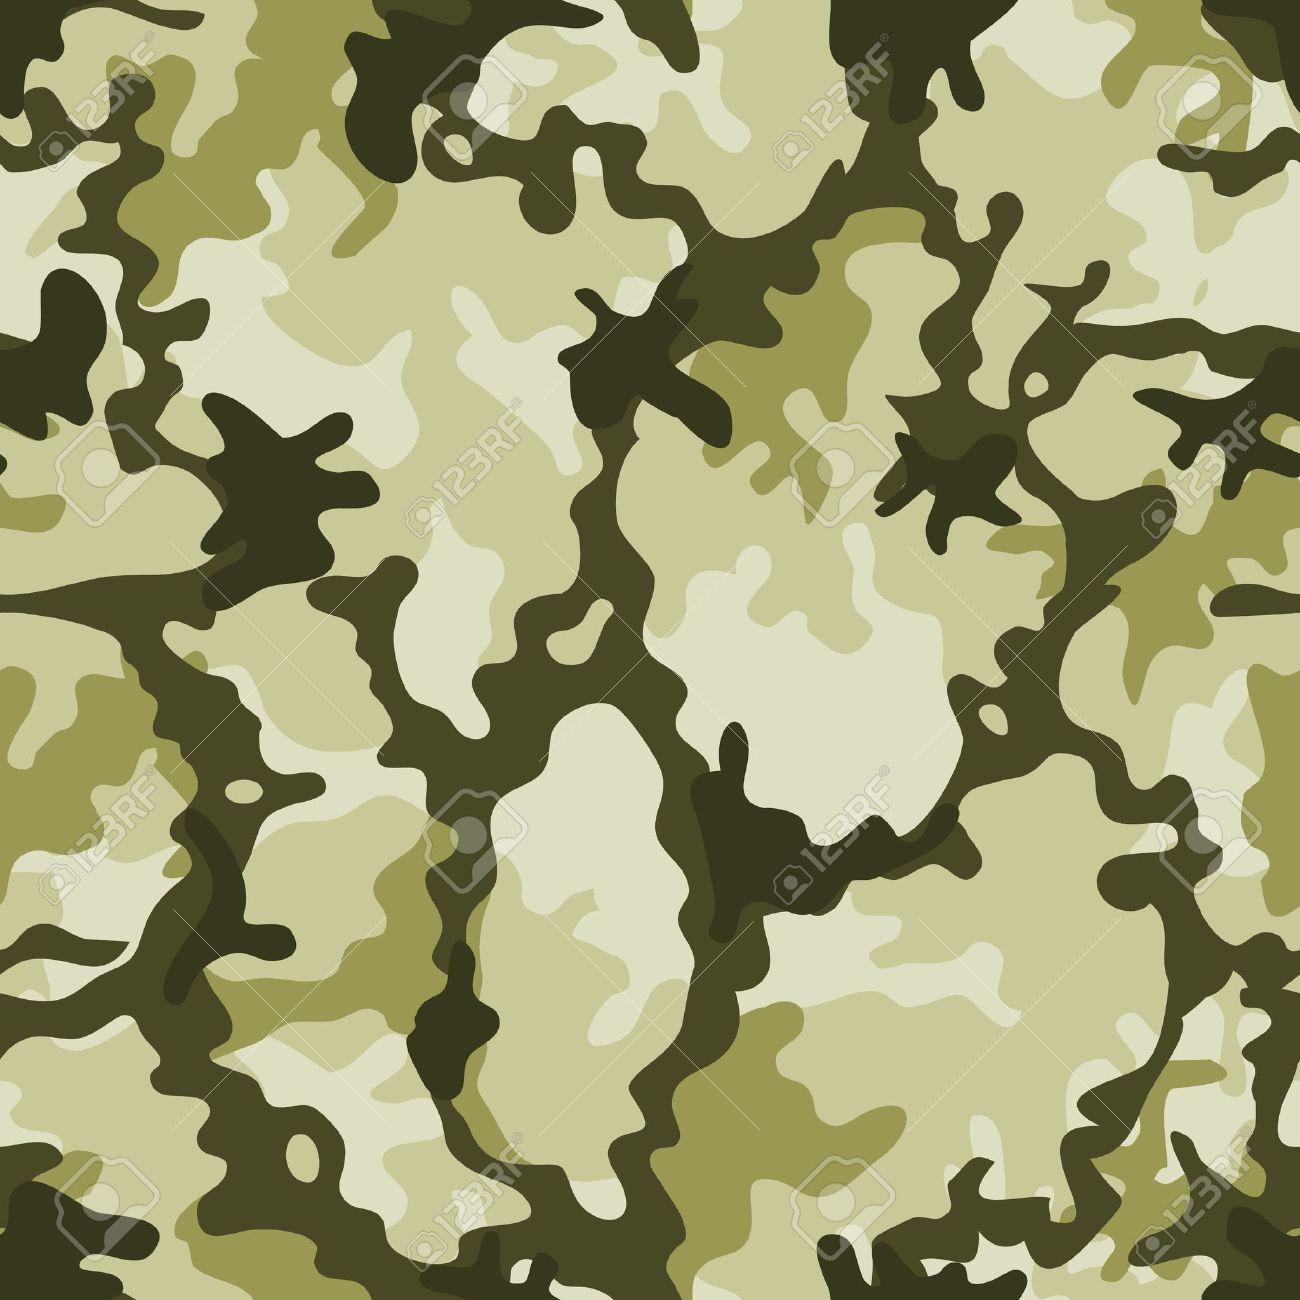 軍の迷彩柄の背景と壁紙のための緑の色合いを持つミリタリー迷彩のイラストのイラスト素材 ベクタ Image